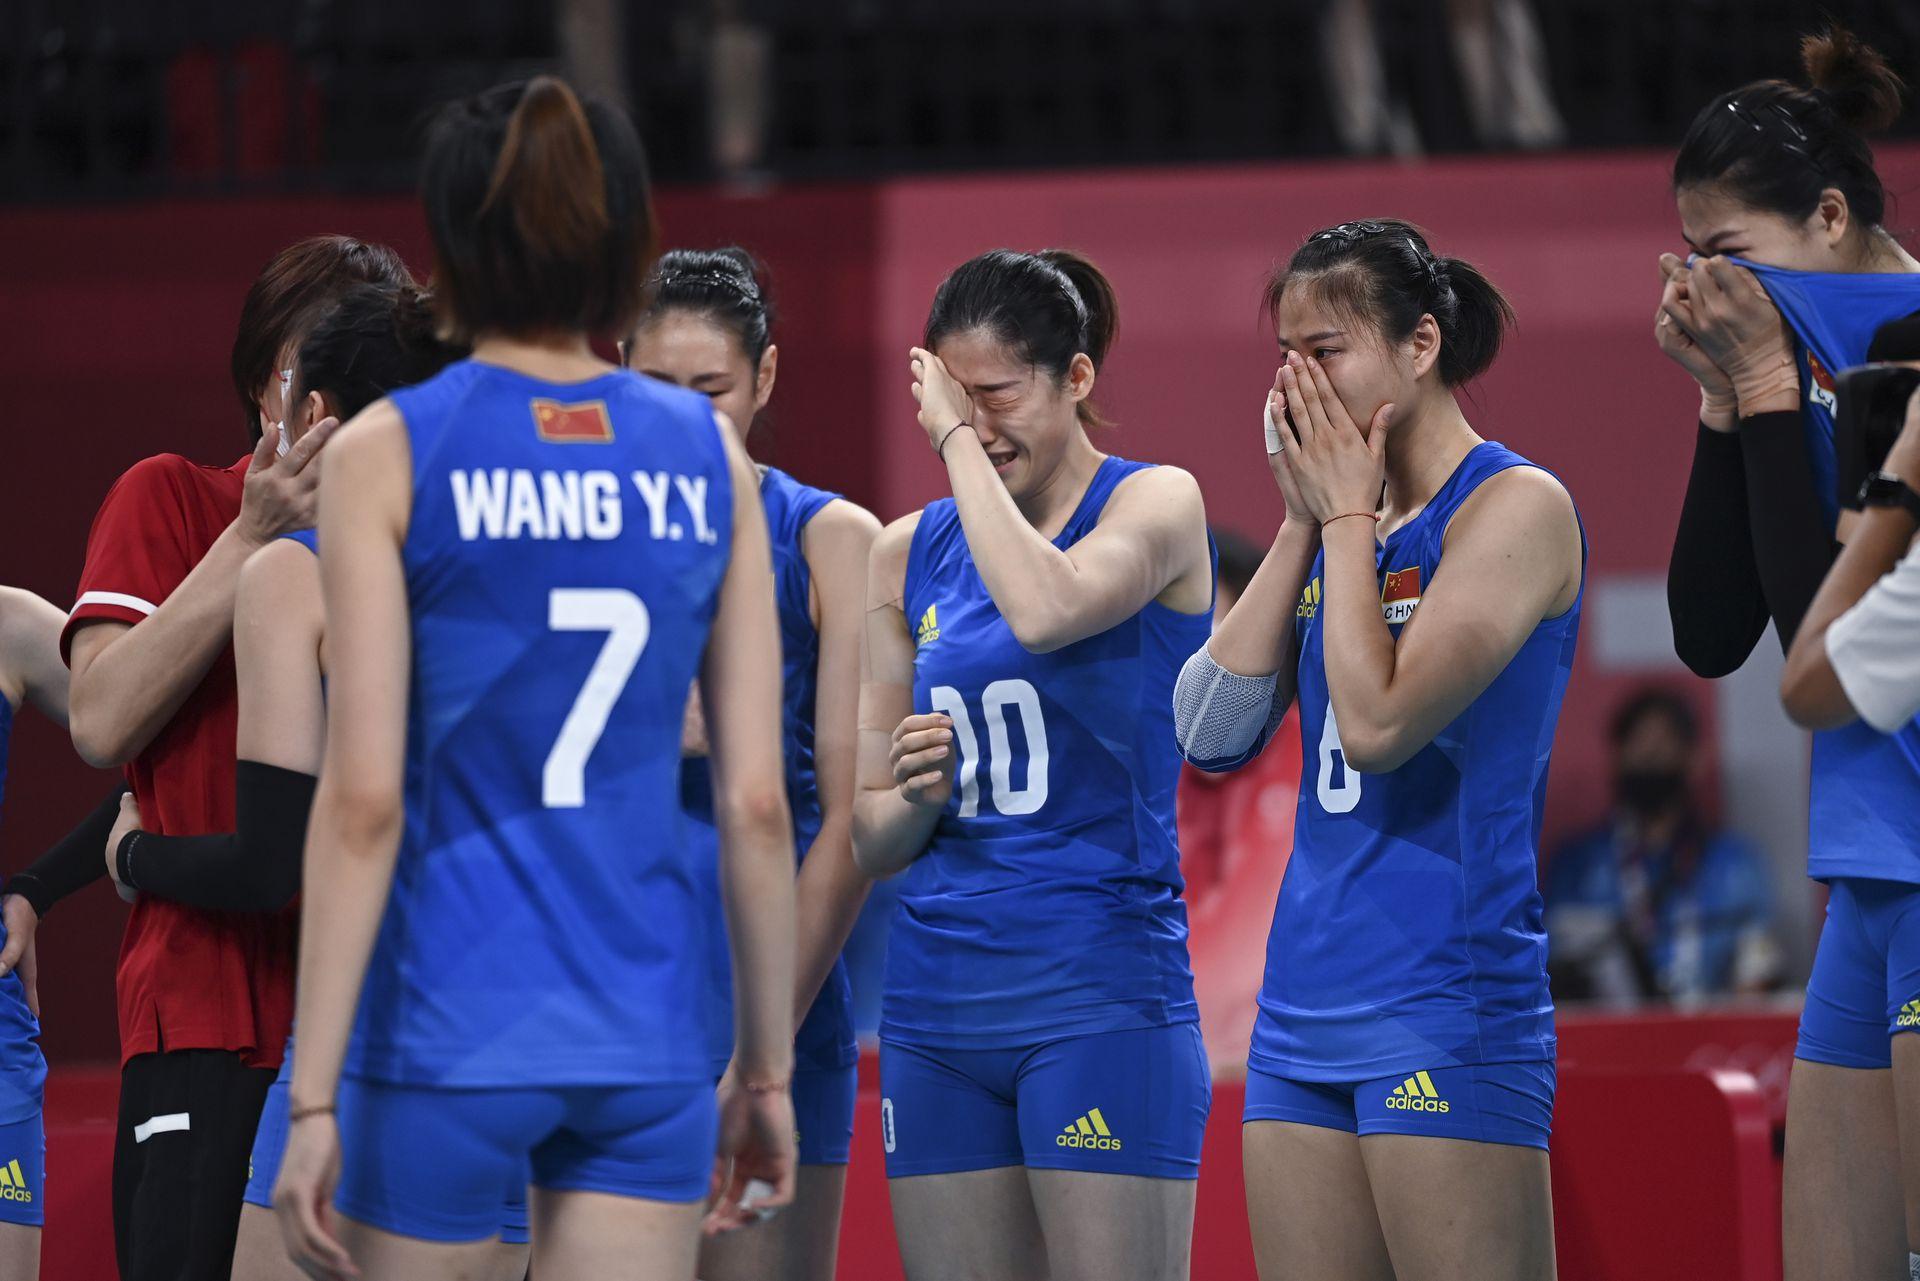 北京時間8月2日,東京奧運會女排小組賽末輪,中國女排對陣阿根廷女排,兩隊均已提前出局,本場女排姑娘們為榮譽而戰!本場也是中國女排功勳主帥郎平指導的謝幕戰,自2013年擔任女排國家隊主教練以來,率領中國女排獲得2屆女排世界盃冠軍,1次奧運會冠軍,戰功卓著戰績輝煌。郎平指導坦言做出離開的原因之一是自己需要休息,同時也需給年輕教練機會。  中國女排以3-0戰勝阿根廷,以2勝3負結束東京奧運之旅,用勝利告別三冠功勳主帥郎平!新華社圖片